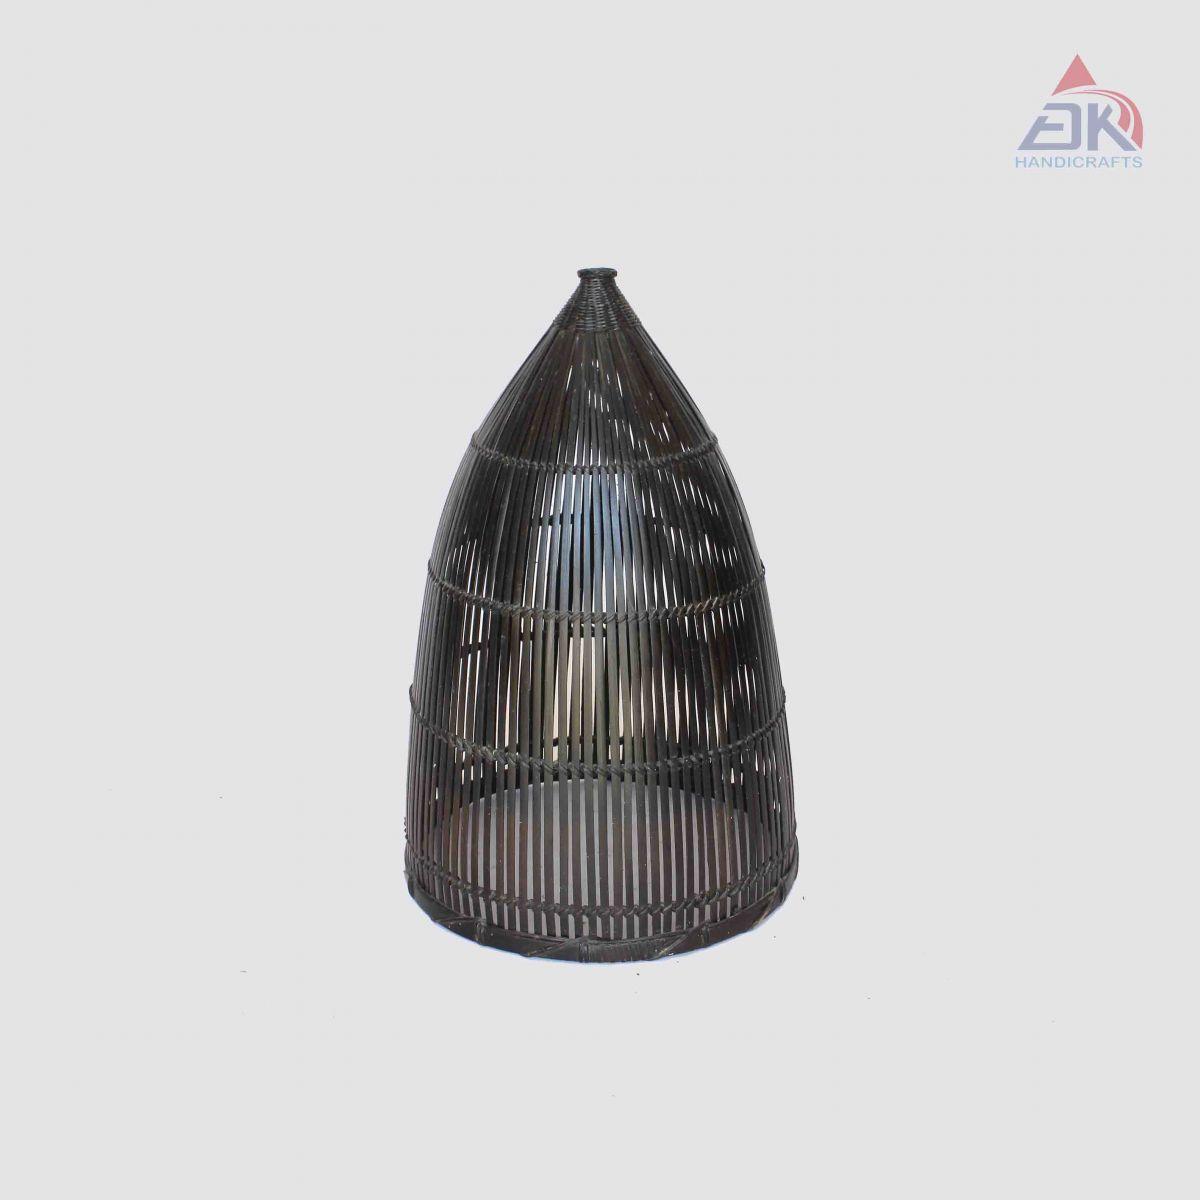 Bamboo Lamp # DK97